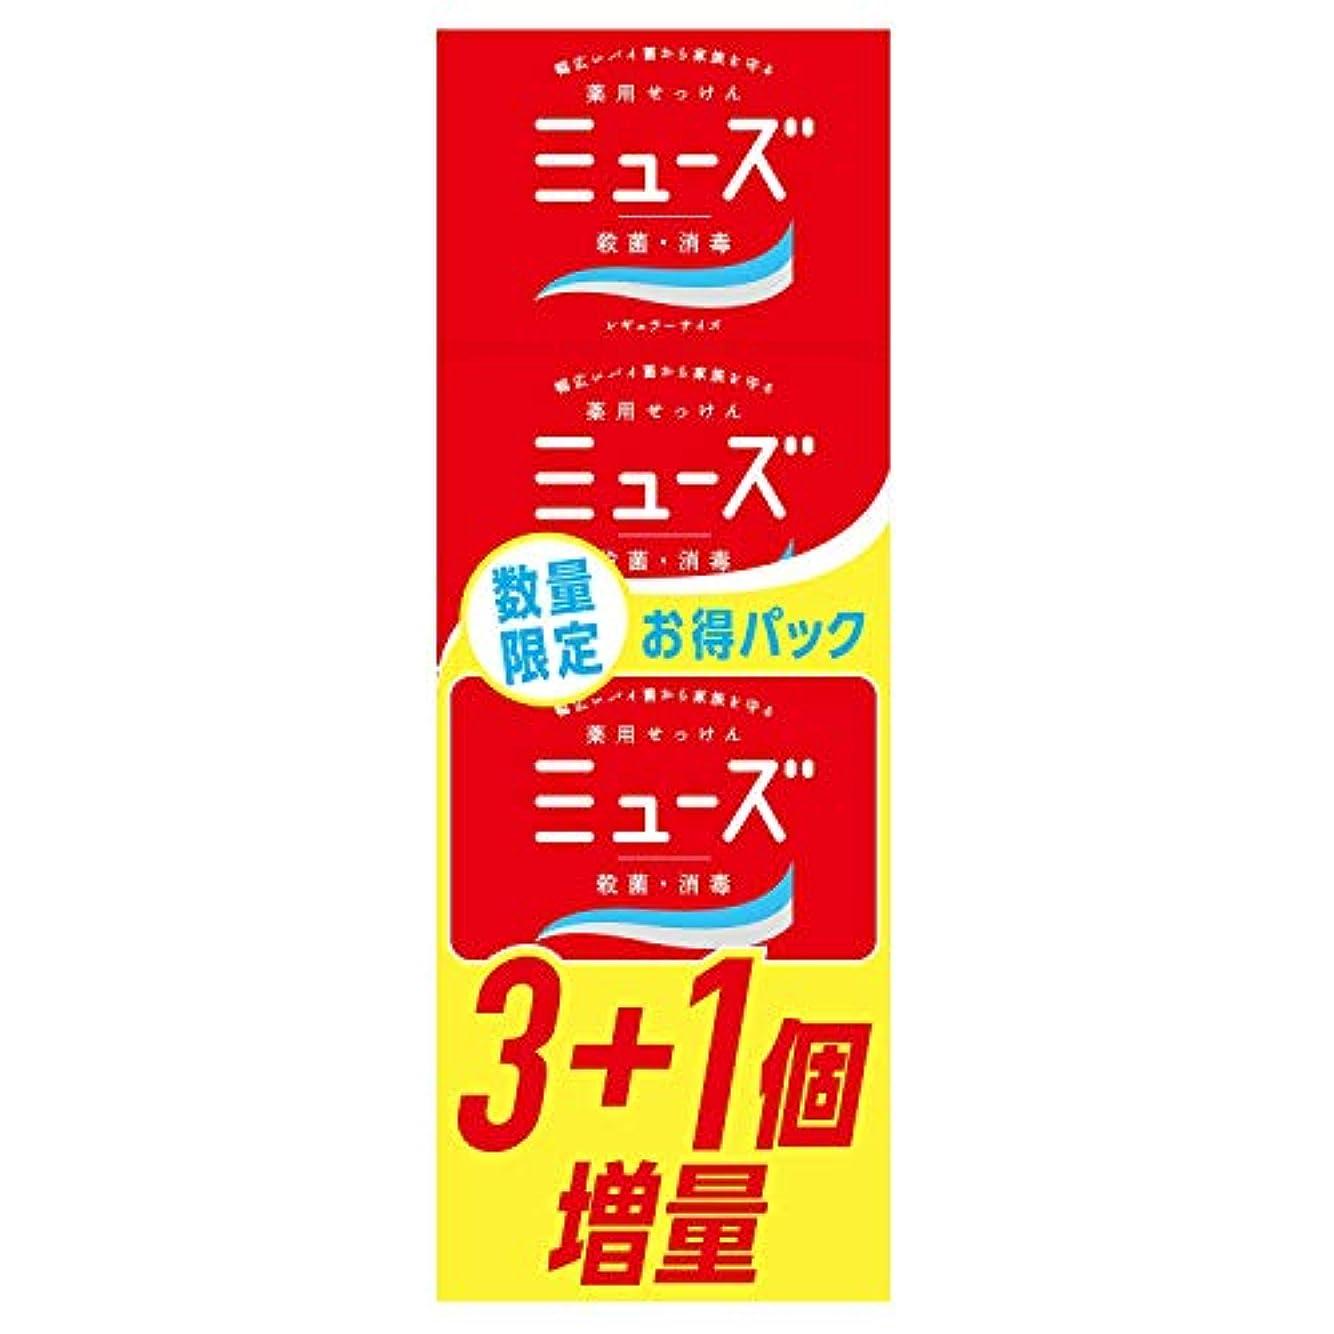 おしゃれなねばねば打ち上げる【医薬部外品】ミューズ石鹸レギュラー 3+1限定品